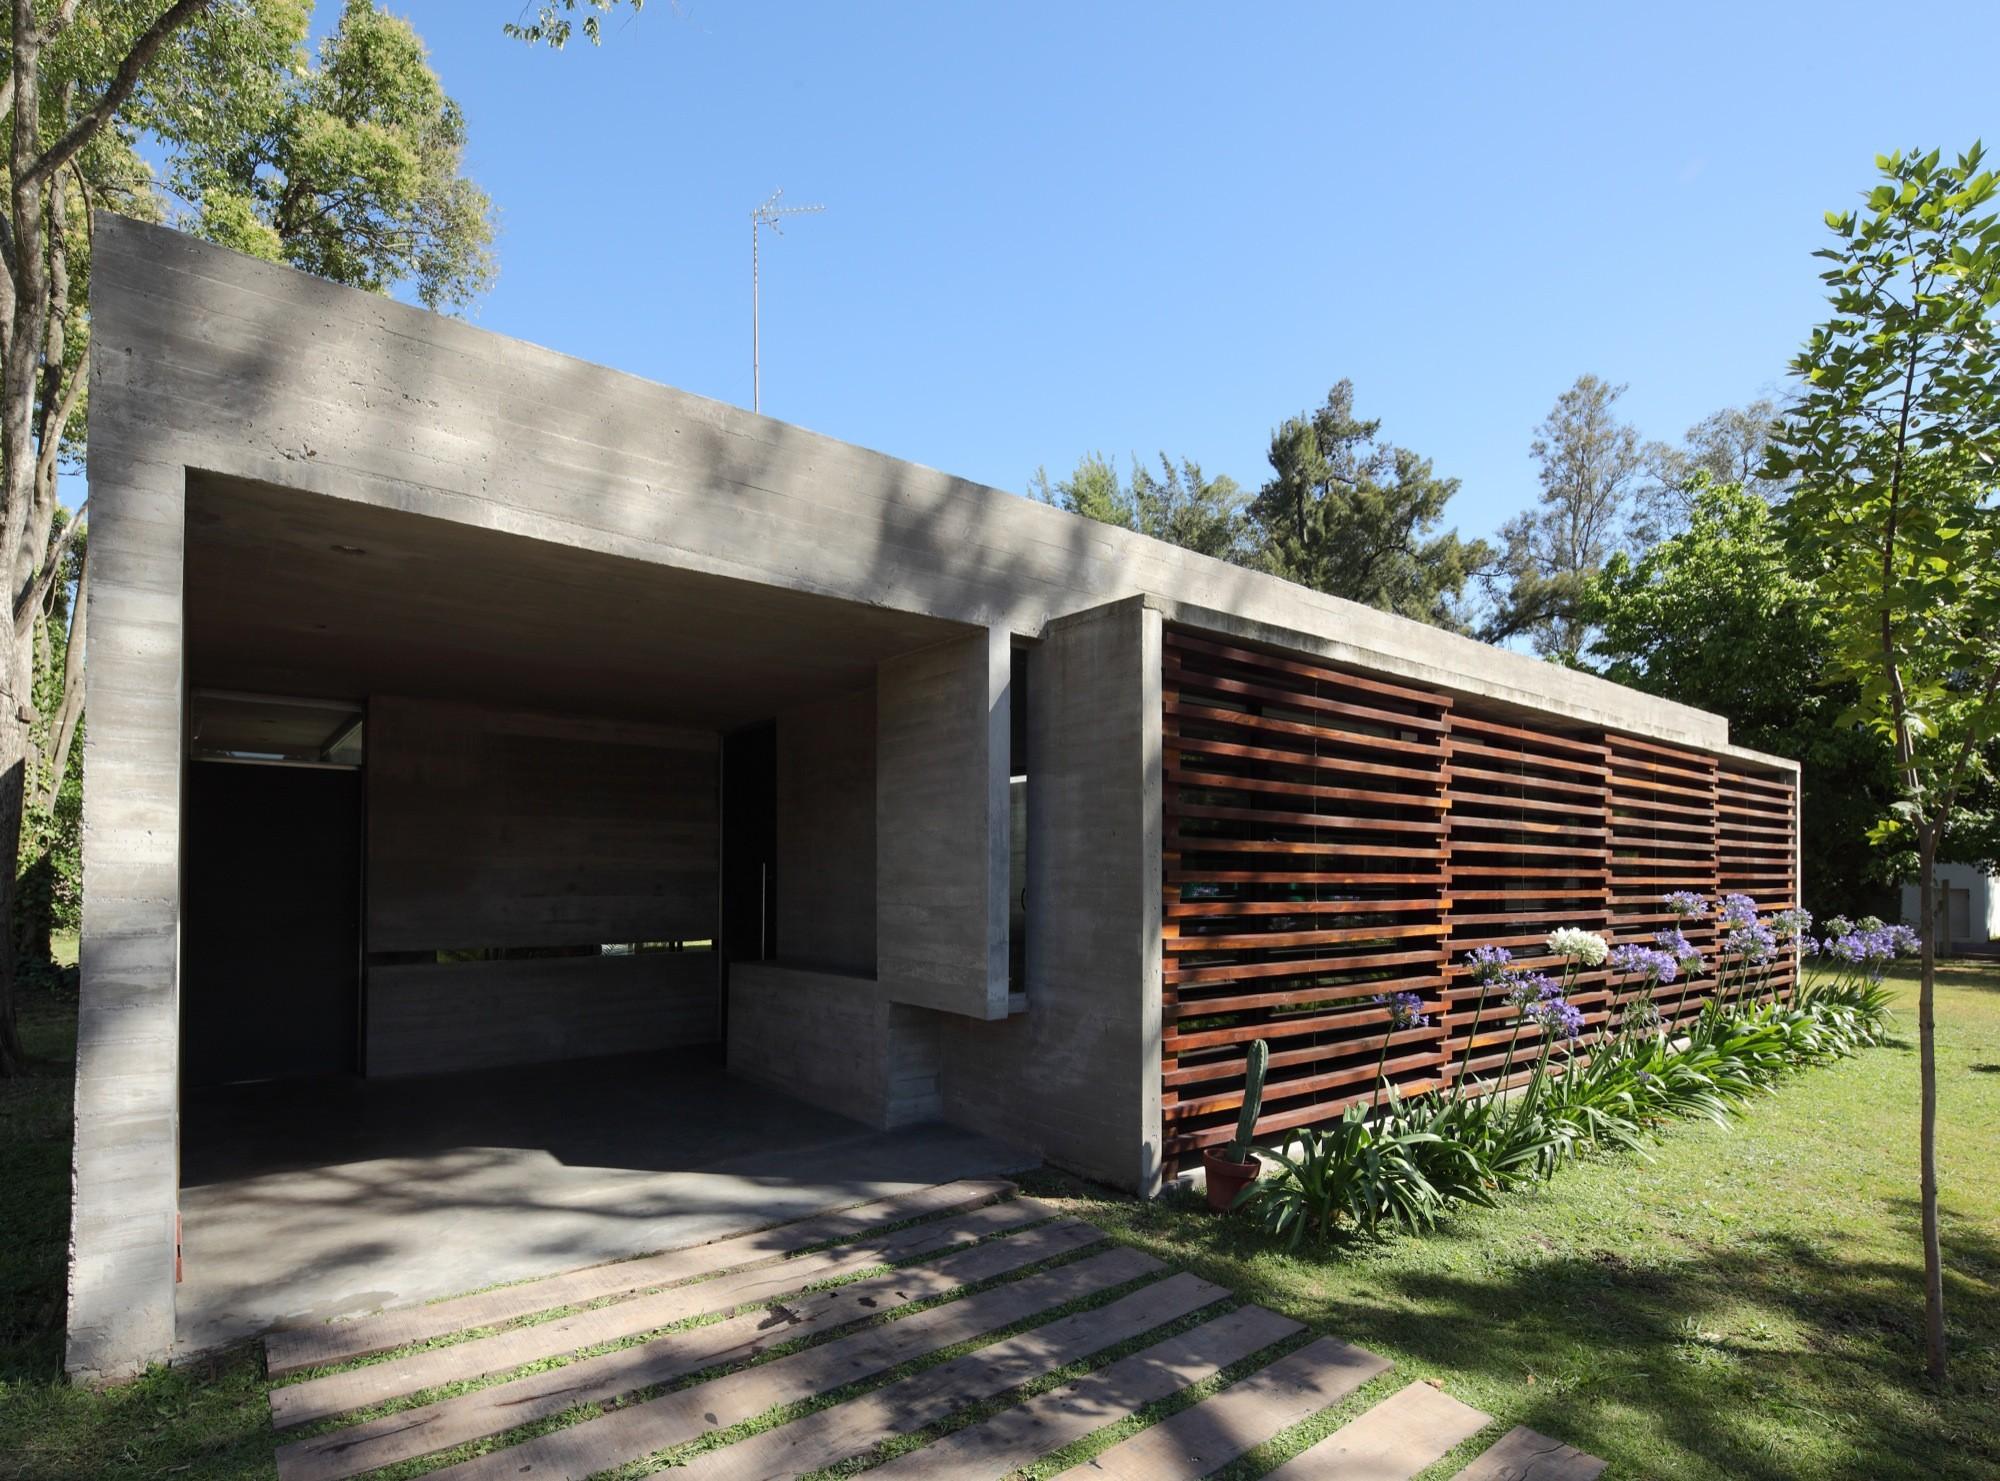 Casa ba bak arquitectos plataforma arquitectura for Casa de arquitectos